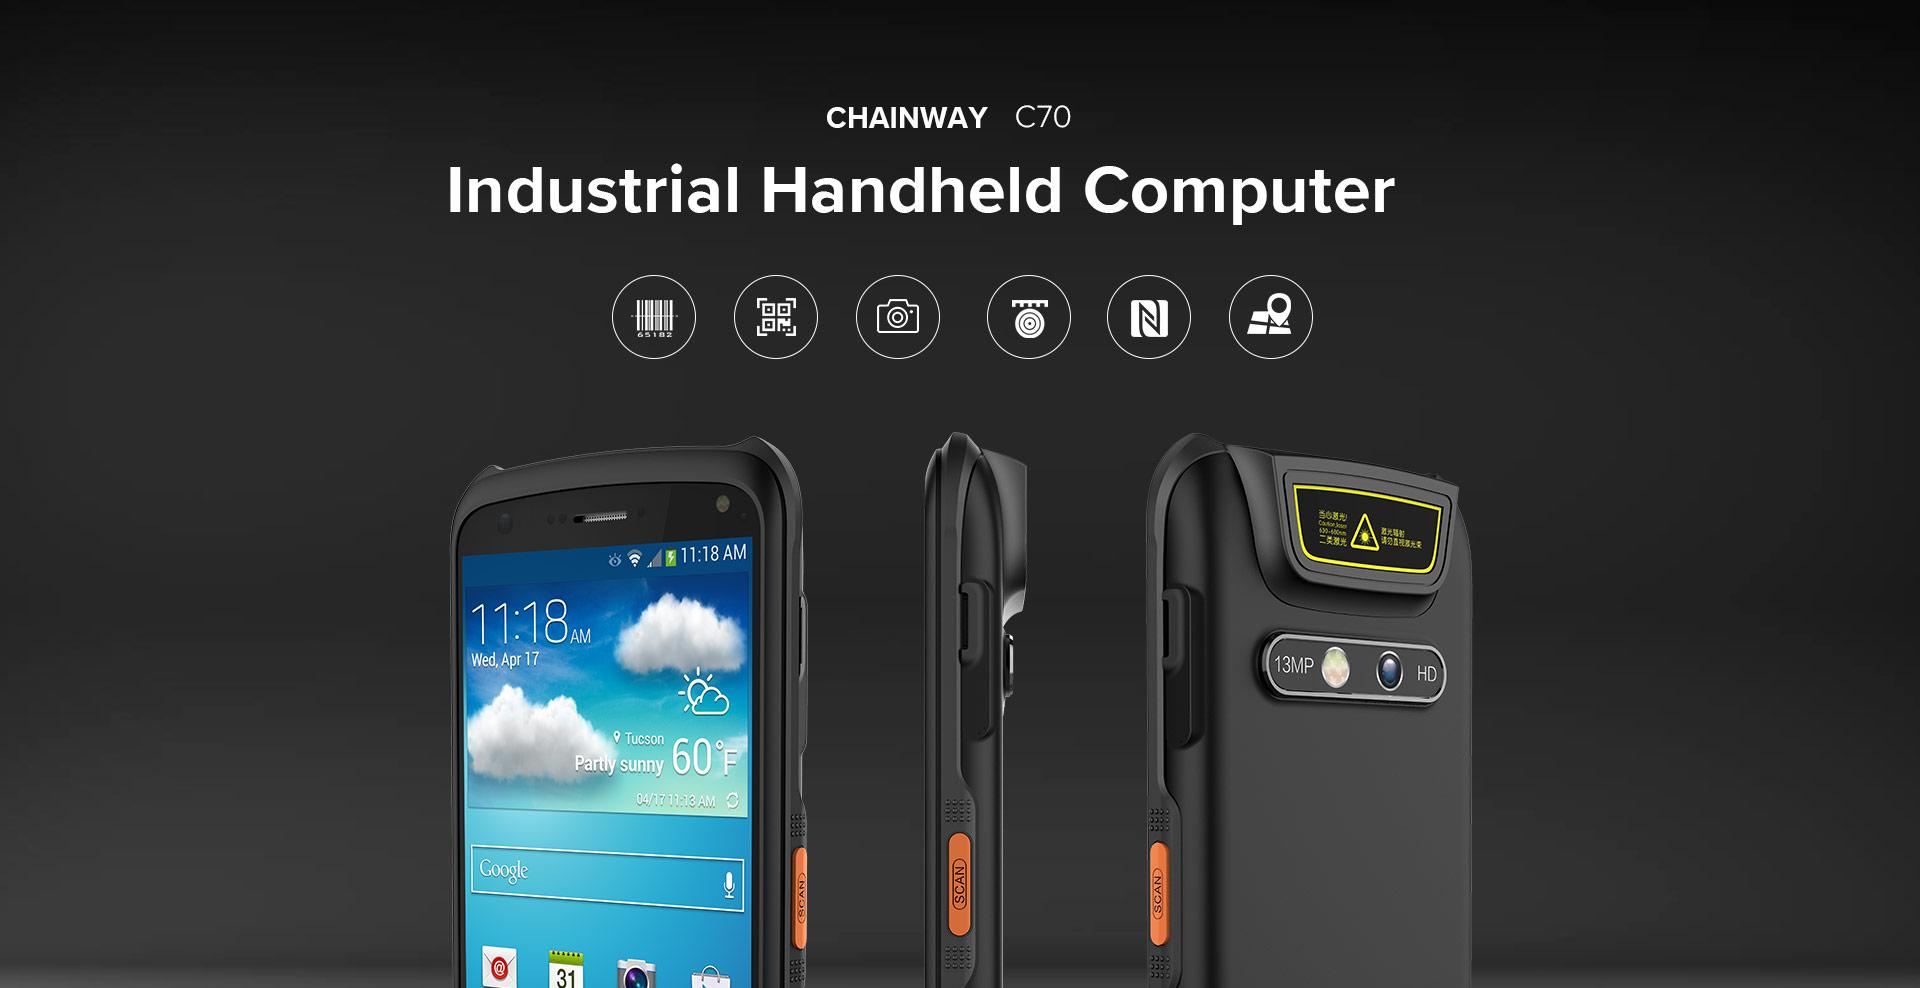 Handheld C70 Chainway with Termometer